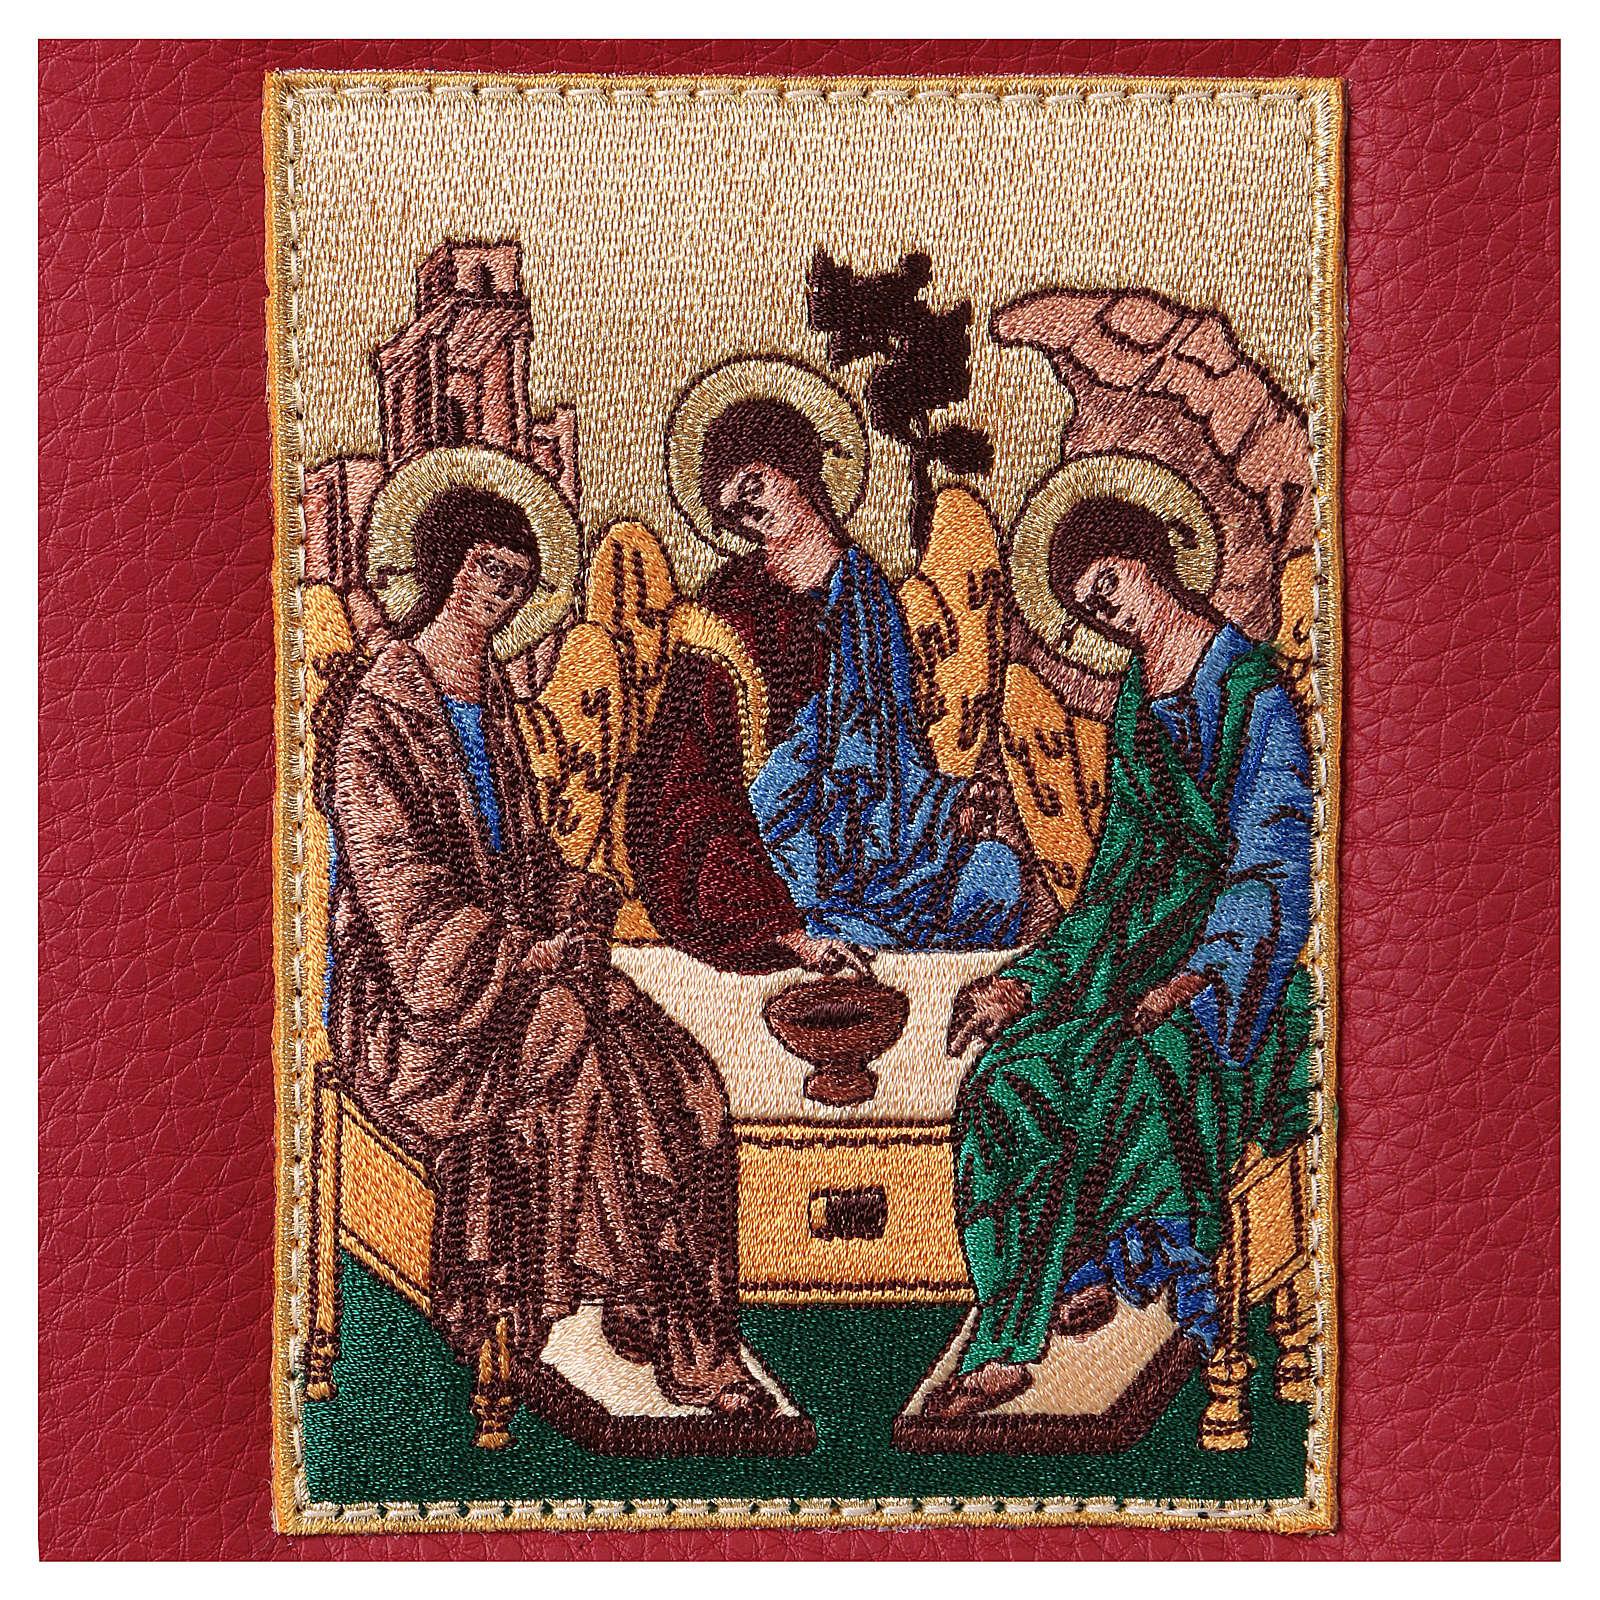 Funda Biblia Jerusalén Nueva Ed. cuero burdeos SS. Trinidad 4